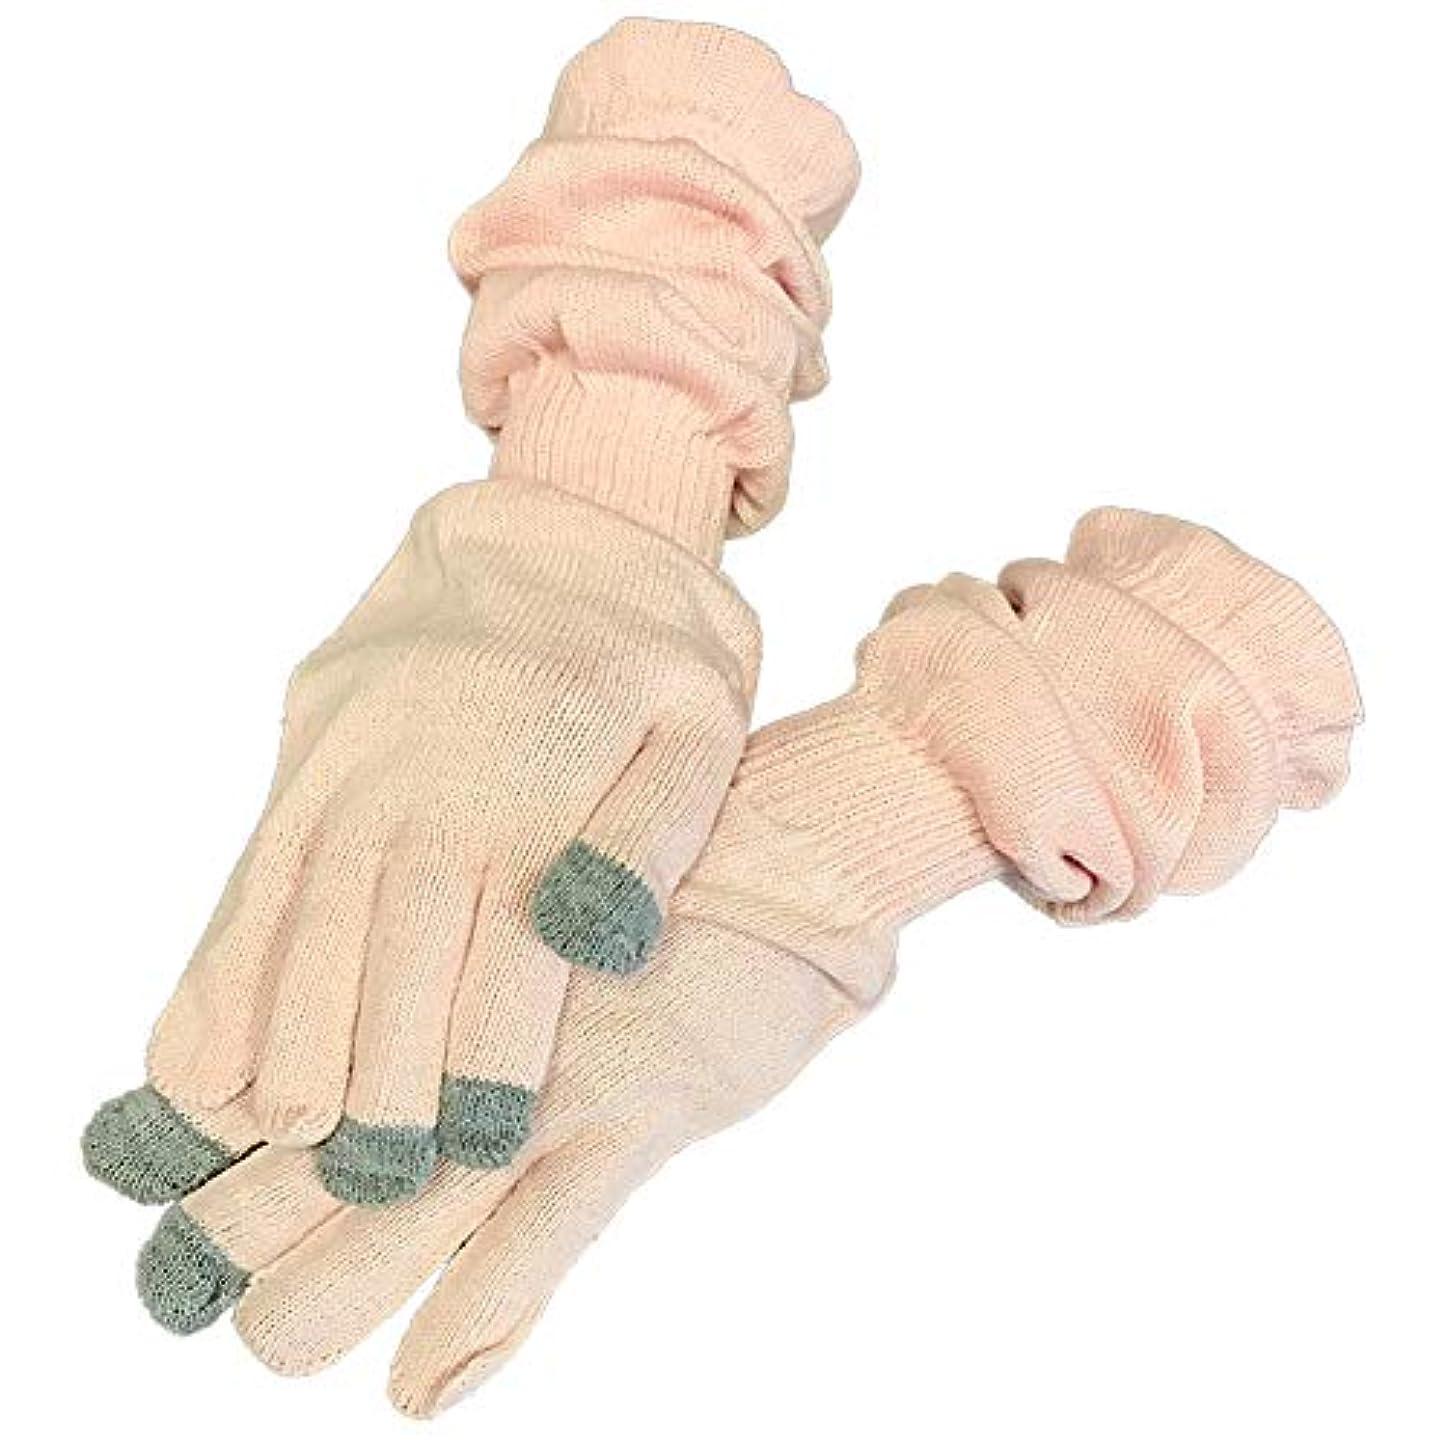 感動するつなぐ共産主義者手袋 手 カサカサ ハンドケア 乾燥 手荒れ シルク コットン 防止 予防 対策 保湿 就寝用 寝るとき スマホ スマホOK おやすみ レディース